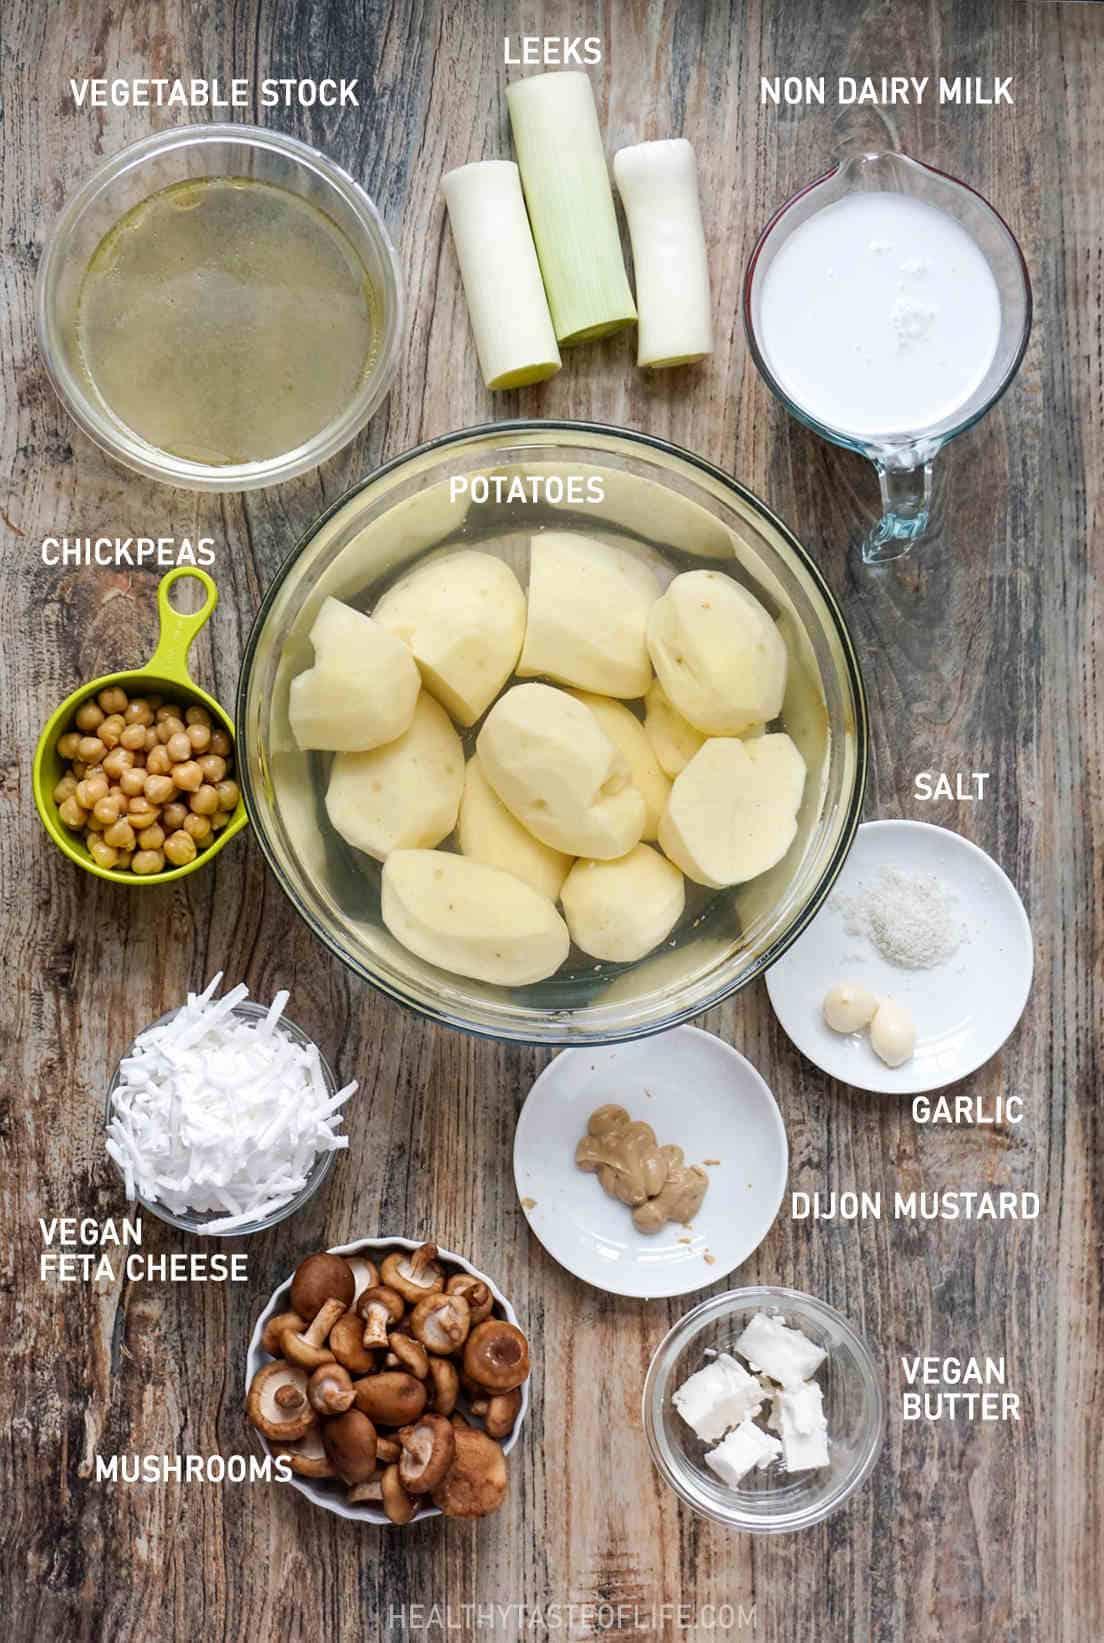 Vegan Potato Bake Ingredients